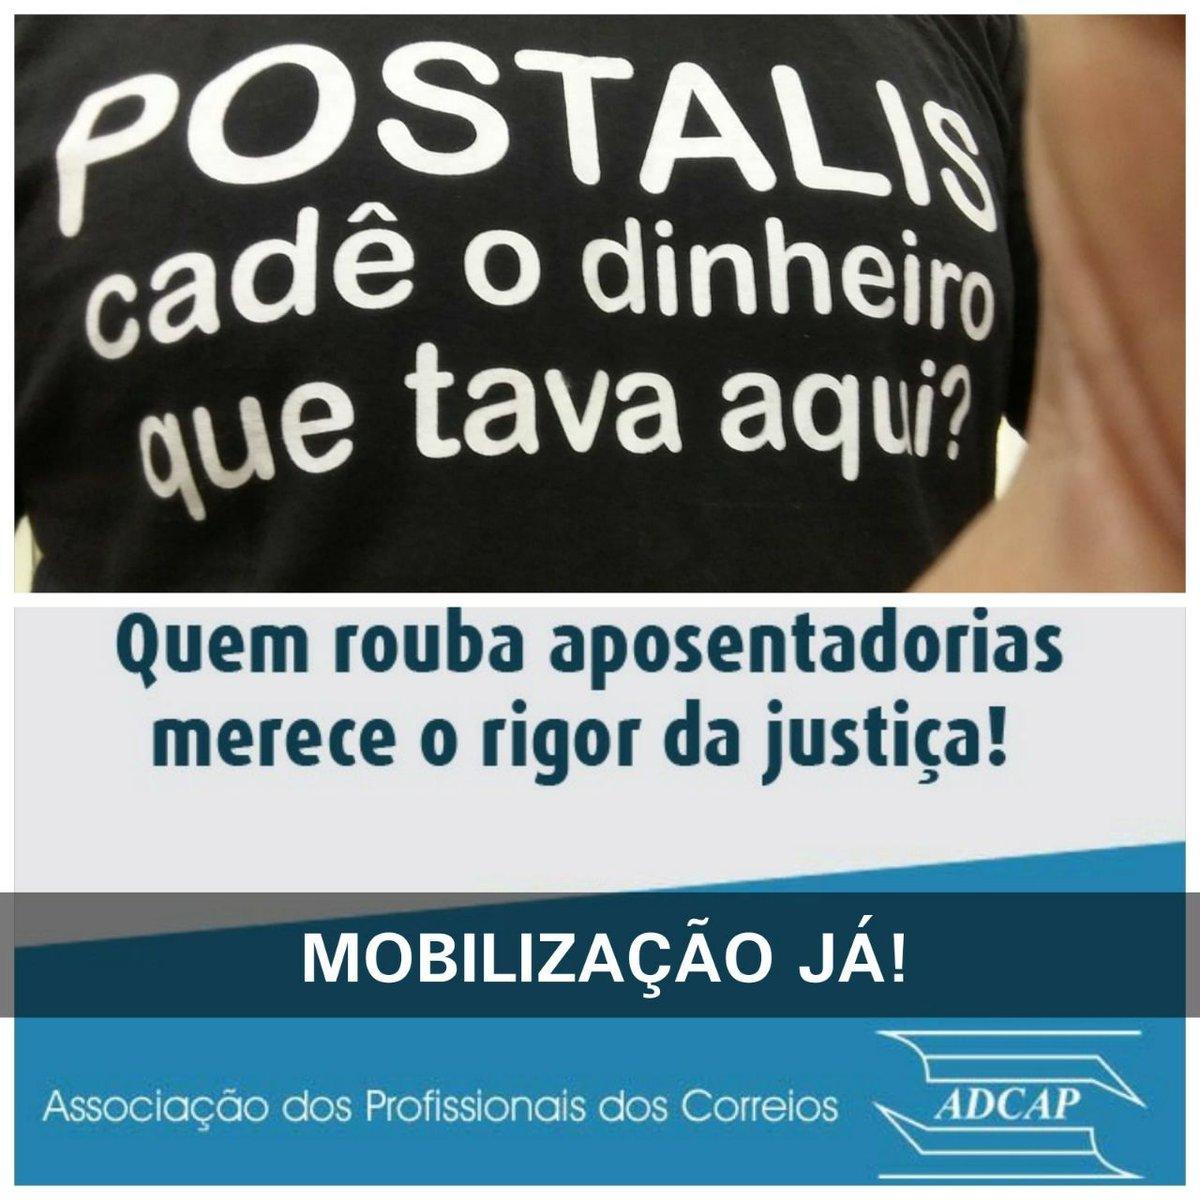 Trabalhadores dos Correios organizam protesto contra situação do Postalis https://t.co/cE4CUdi56K